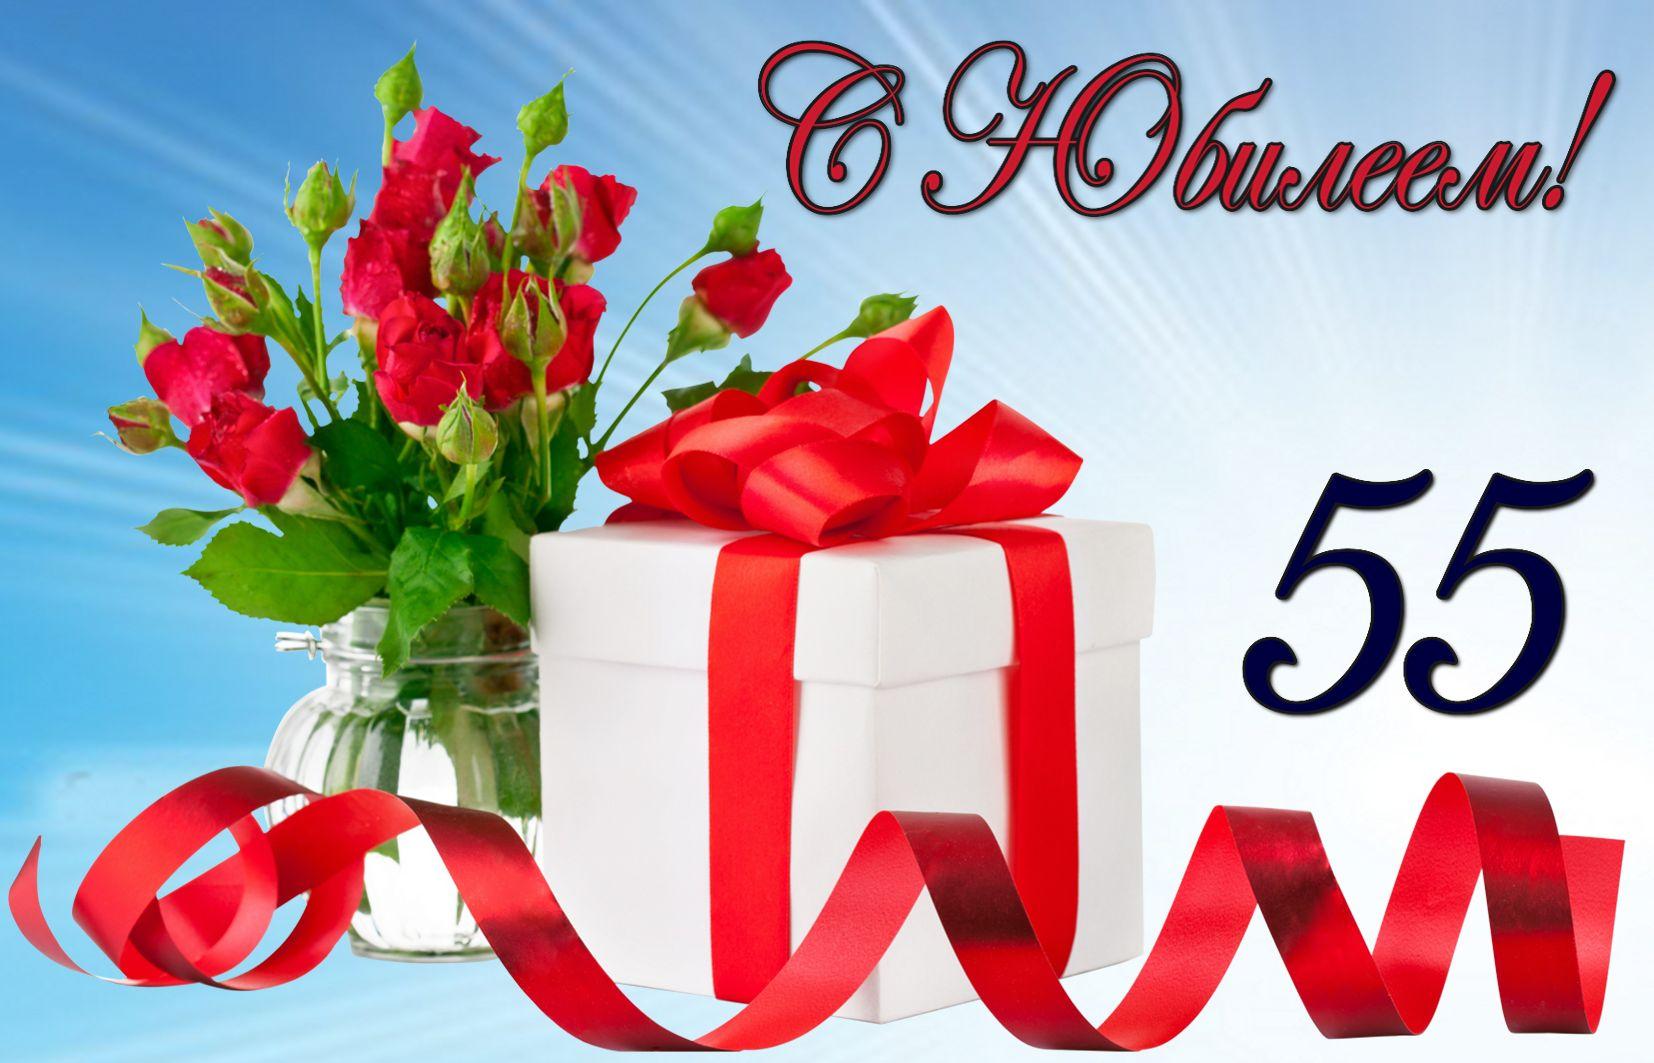 Открытка на 55 лет - большой подарок с красной лентой к юбилею